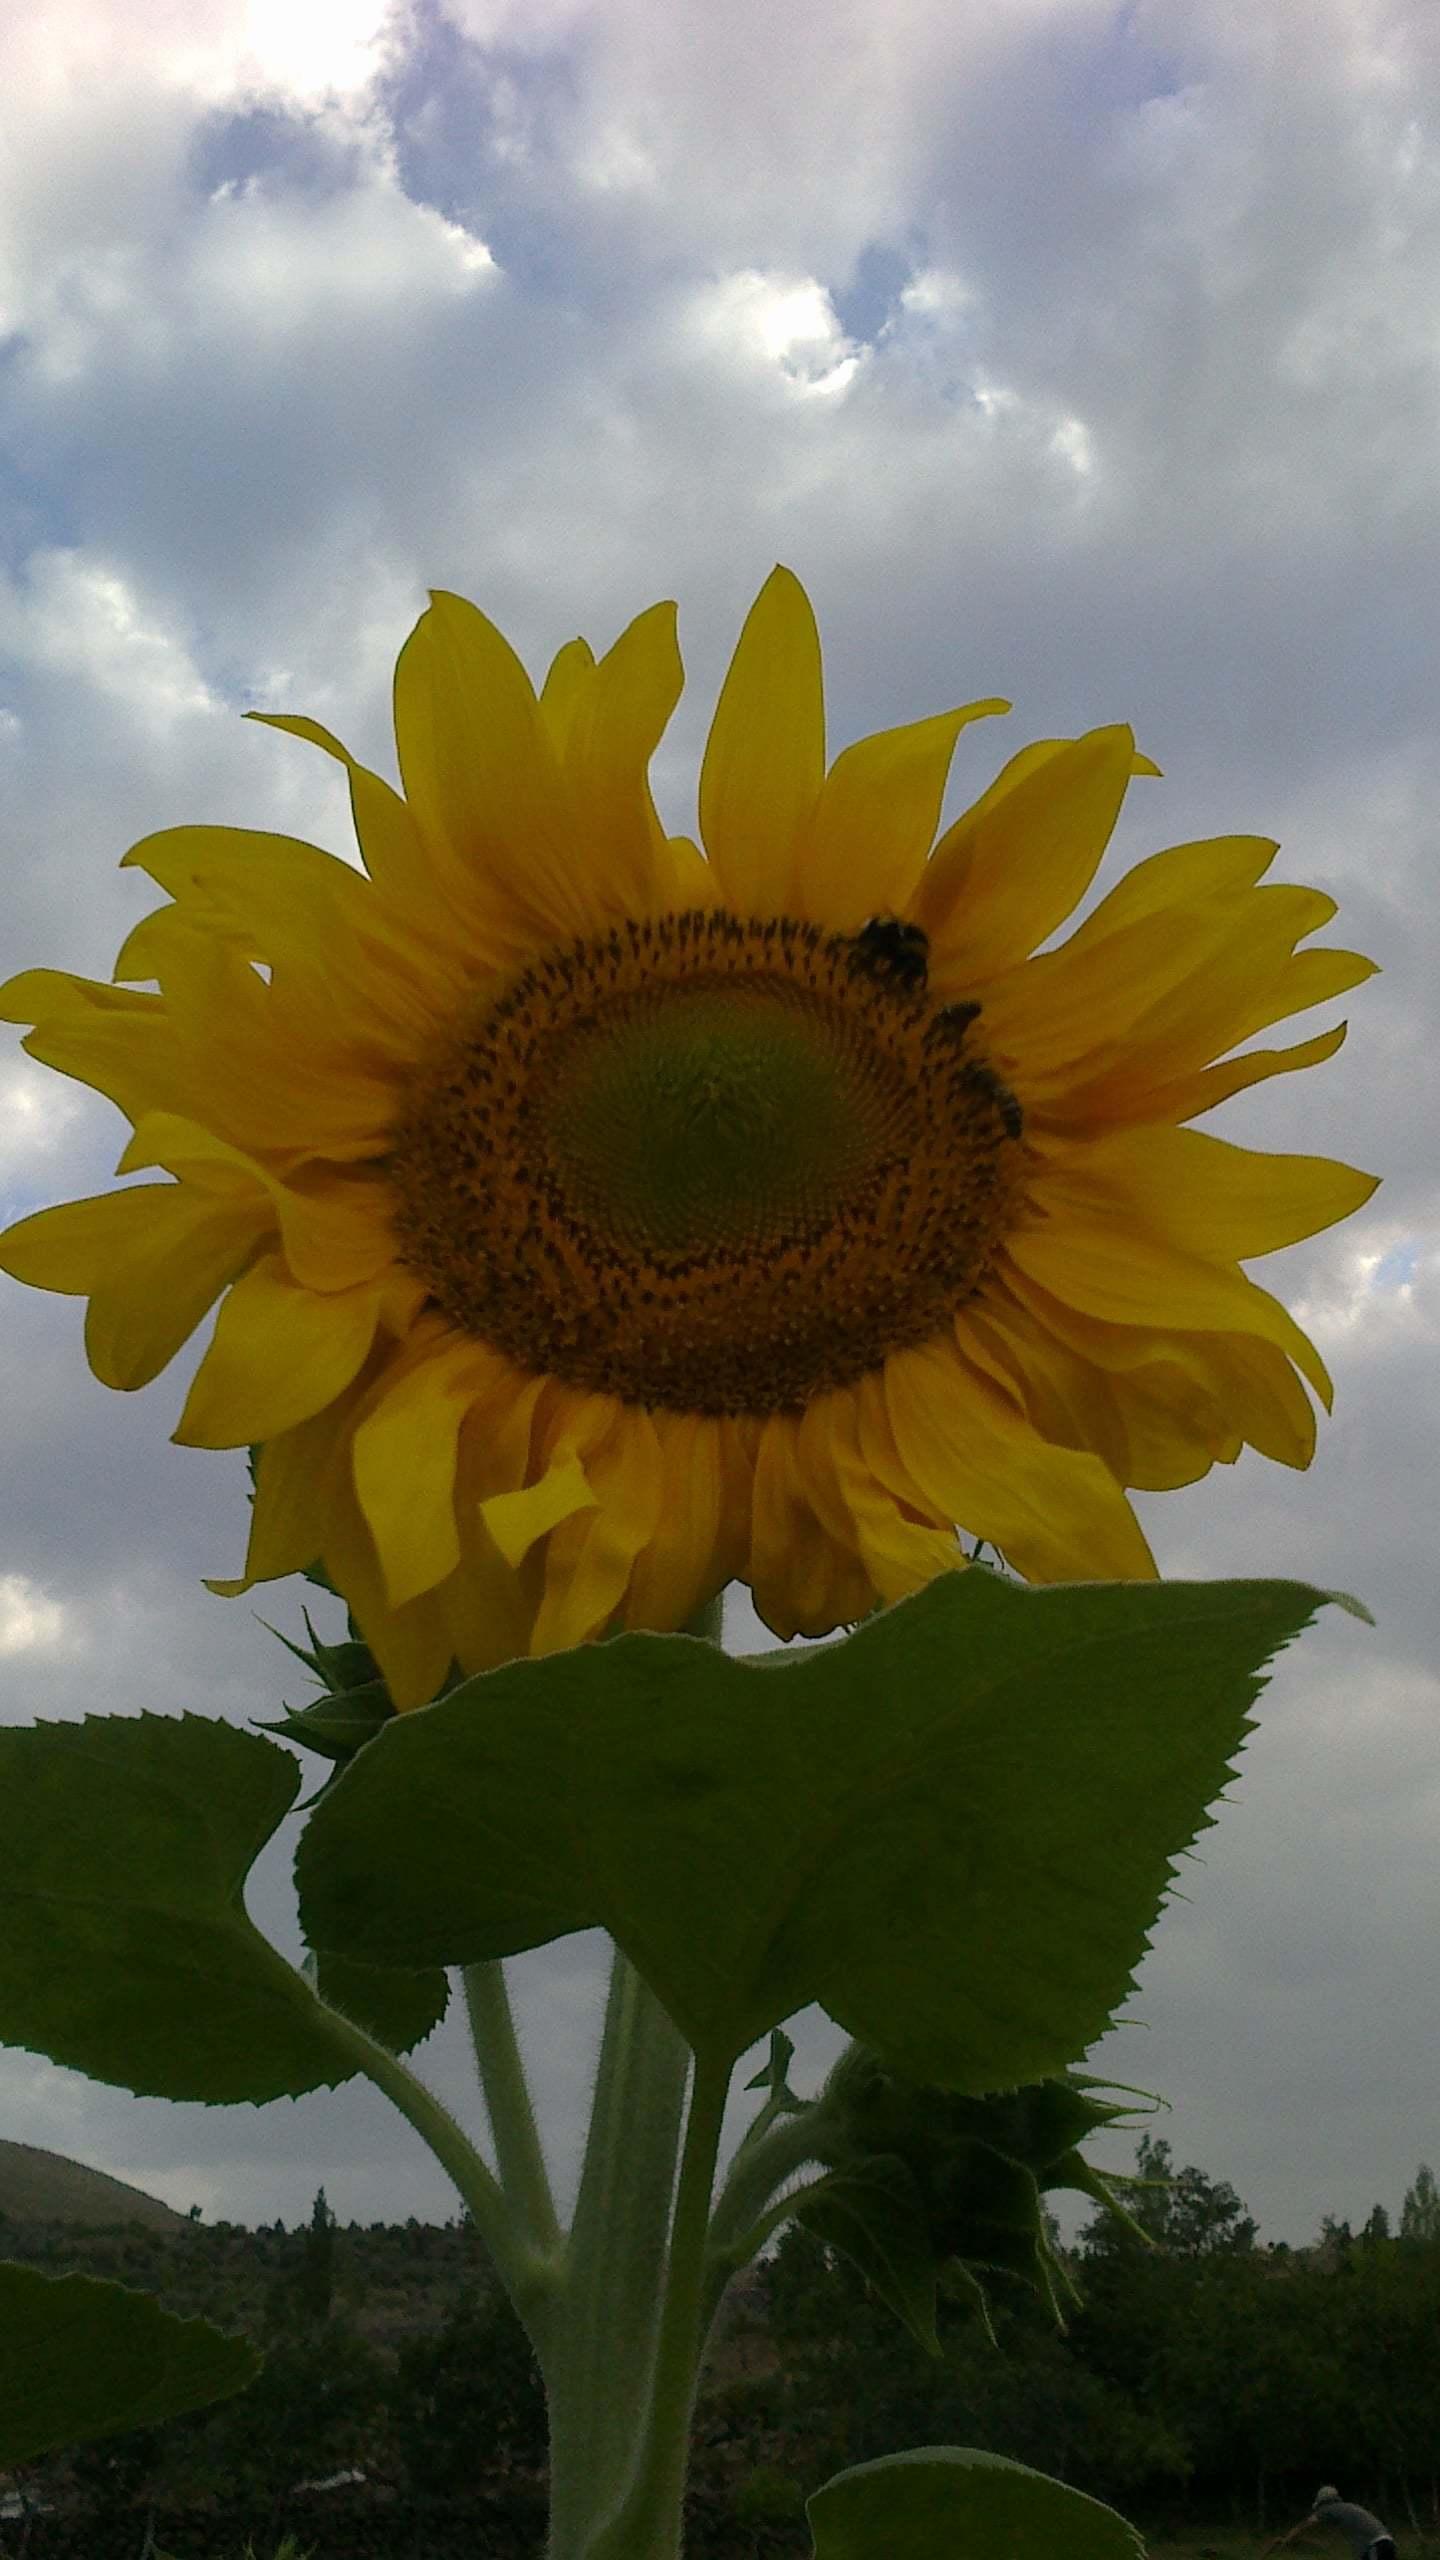 ayçiçeği görüntüsü